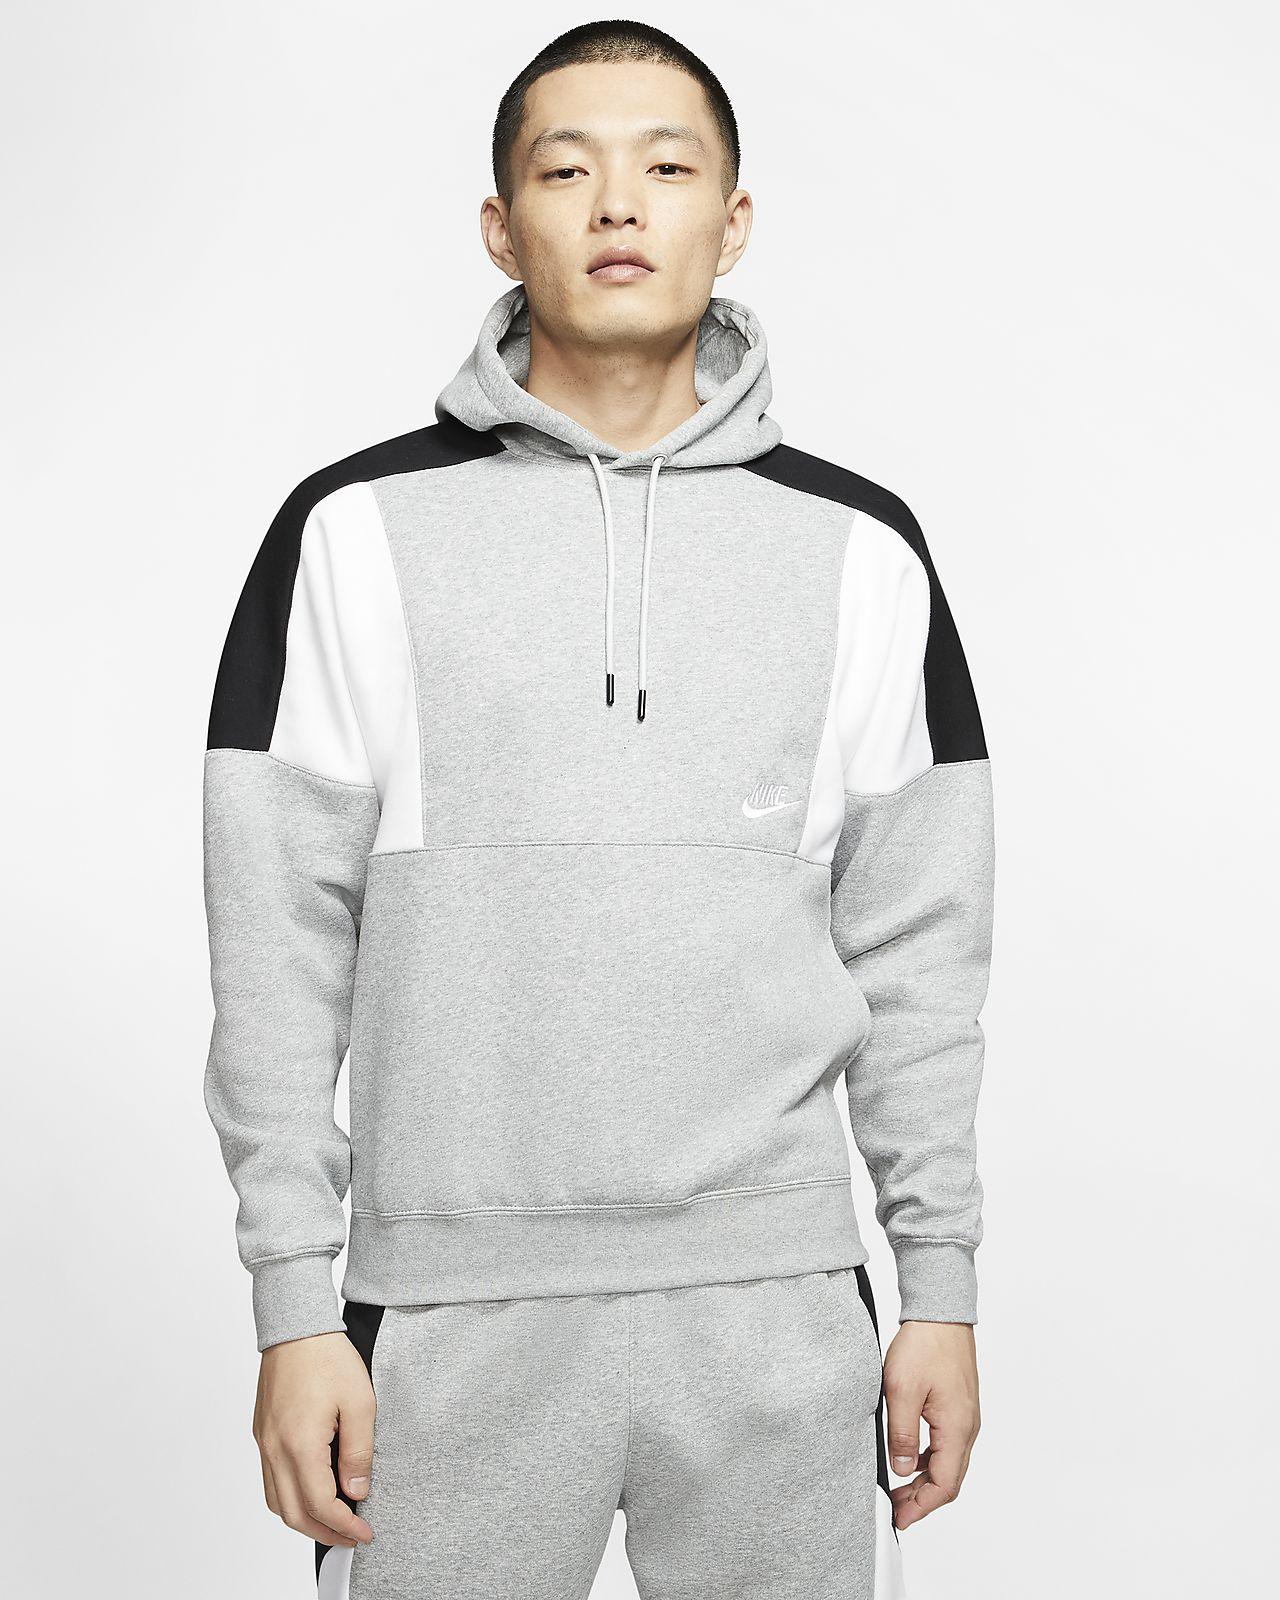 Μπλούζα με κουκούλα και χρωματικές αντιθέσεις Nike Sportswear